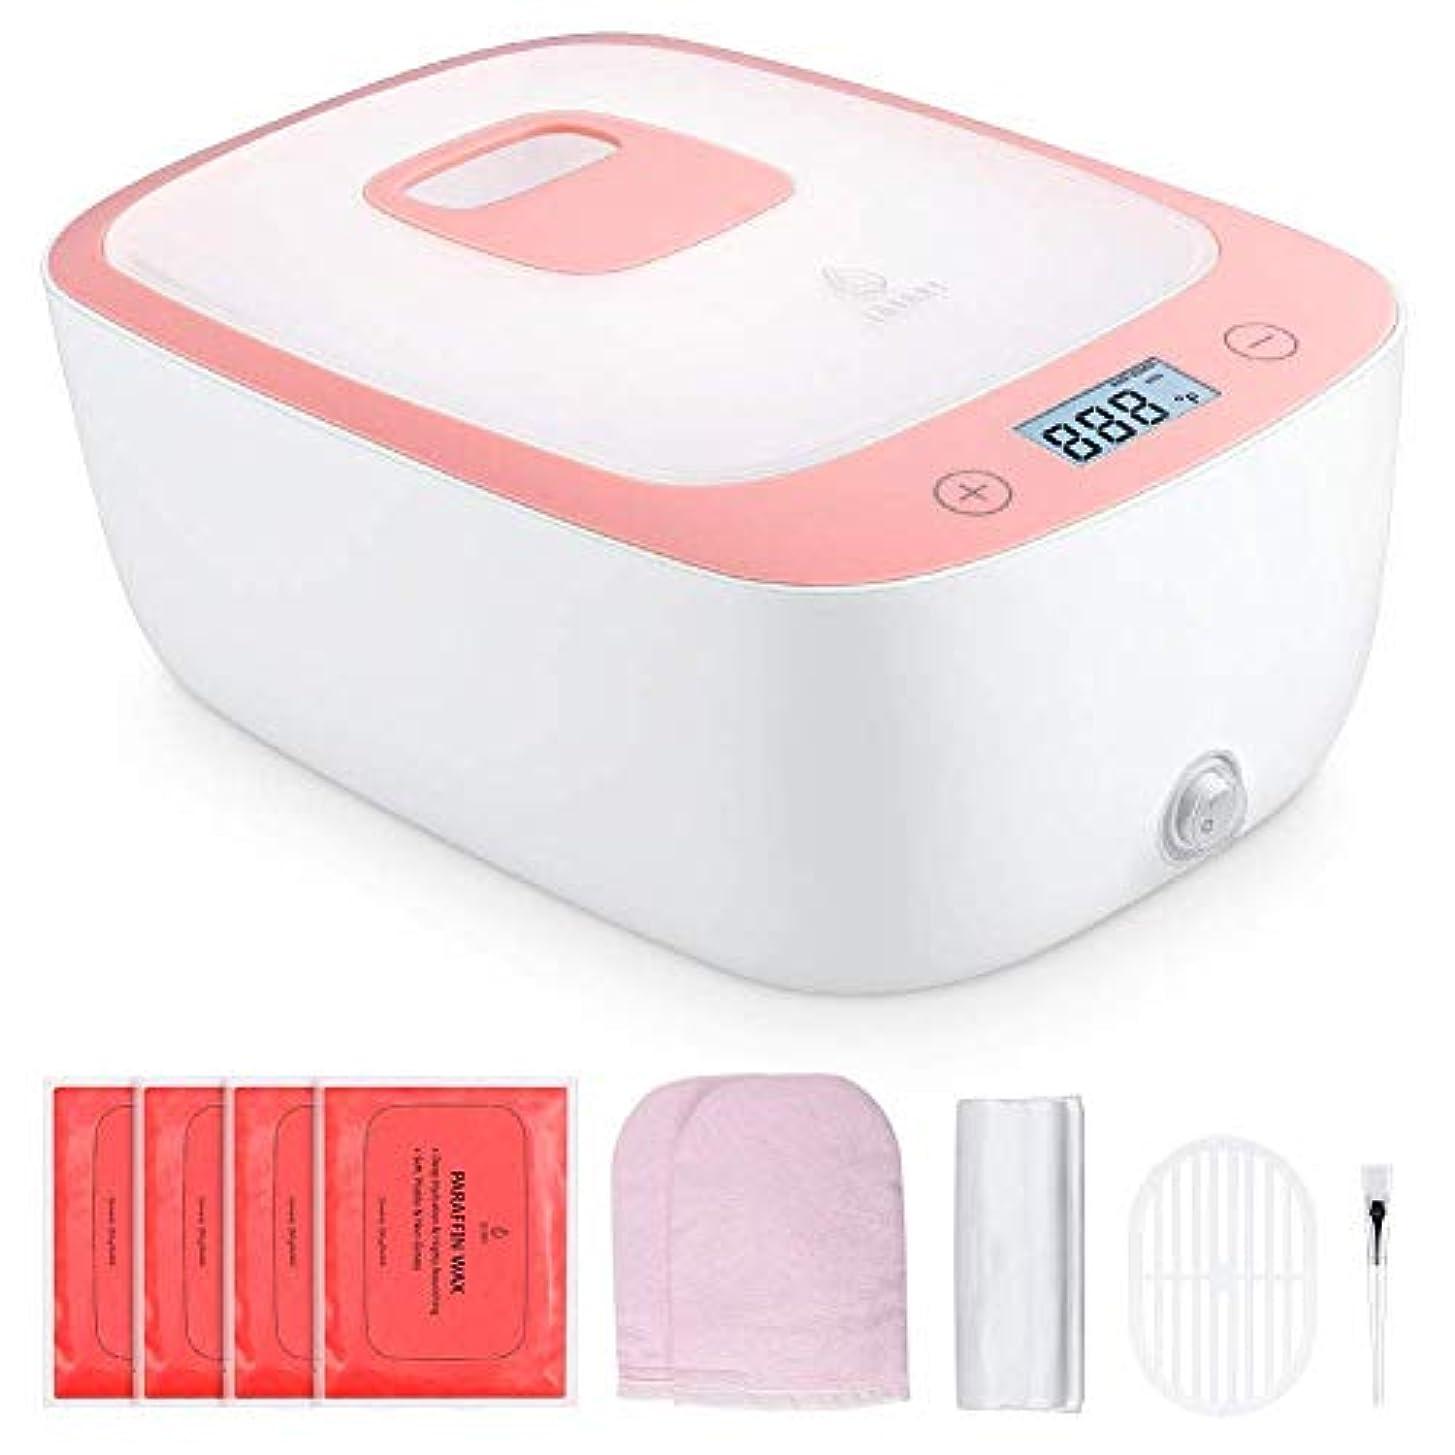 本物のマイコンリットルJerrybox ワックスウォーマー0.5時間絶食ワックスメルトダウン浴が180分まで暖かく保ちます パラフィン